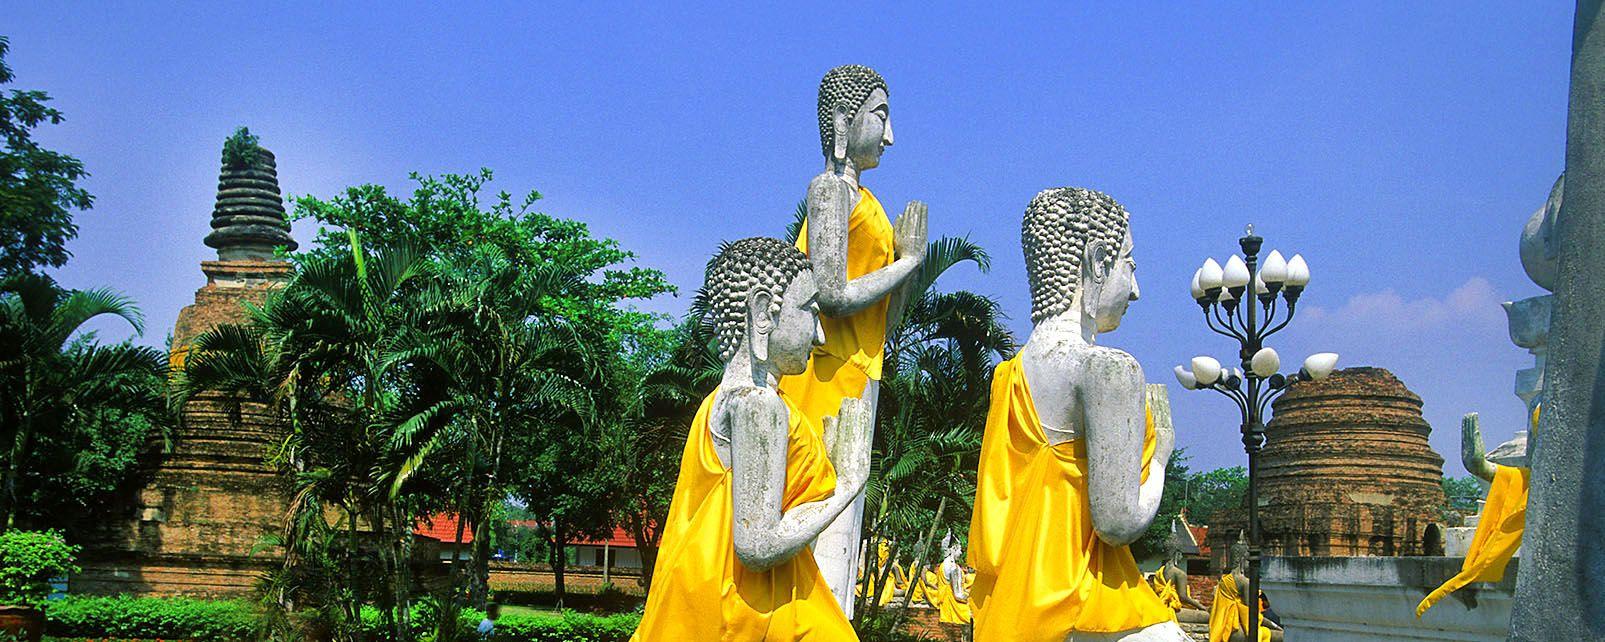 Ayutthaya, Thailand, Ayutthaya, Monuments, Ayutthaya, Thailand